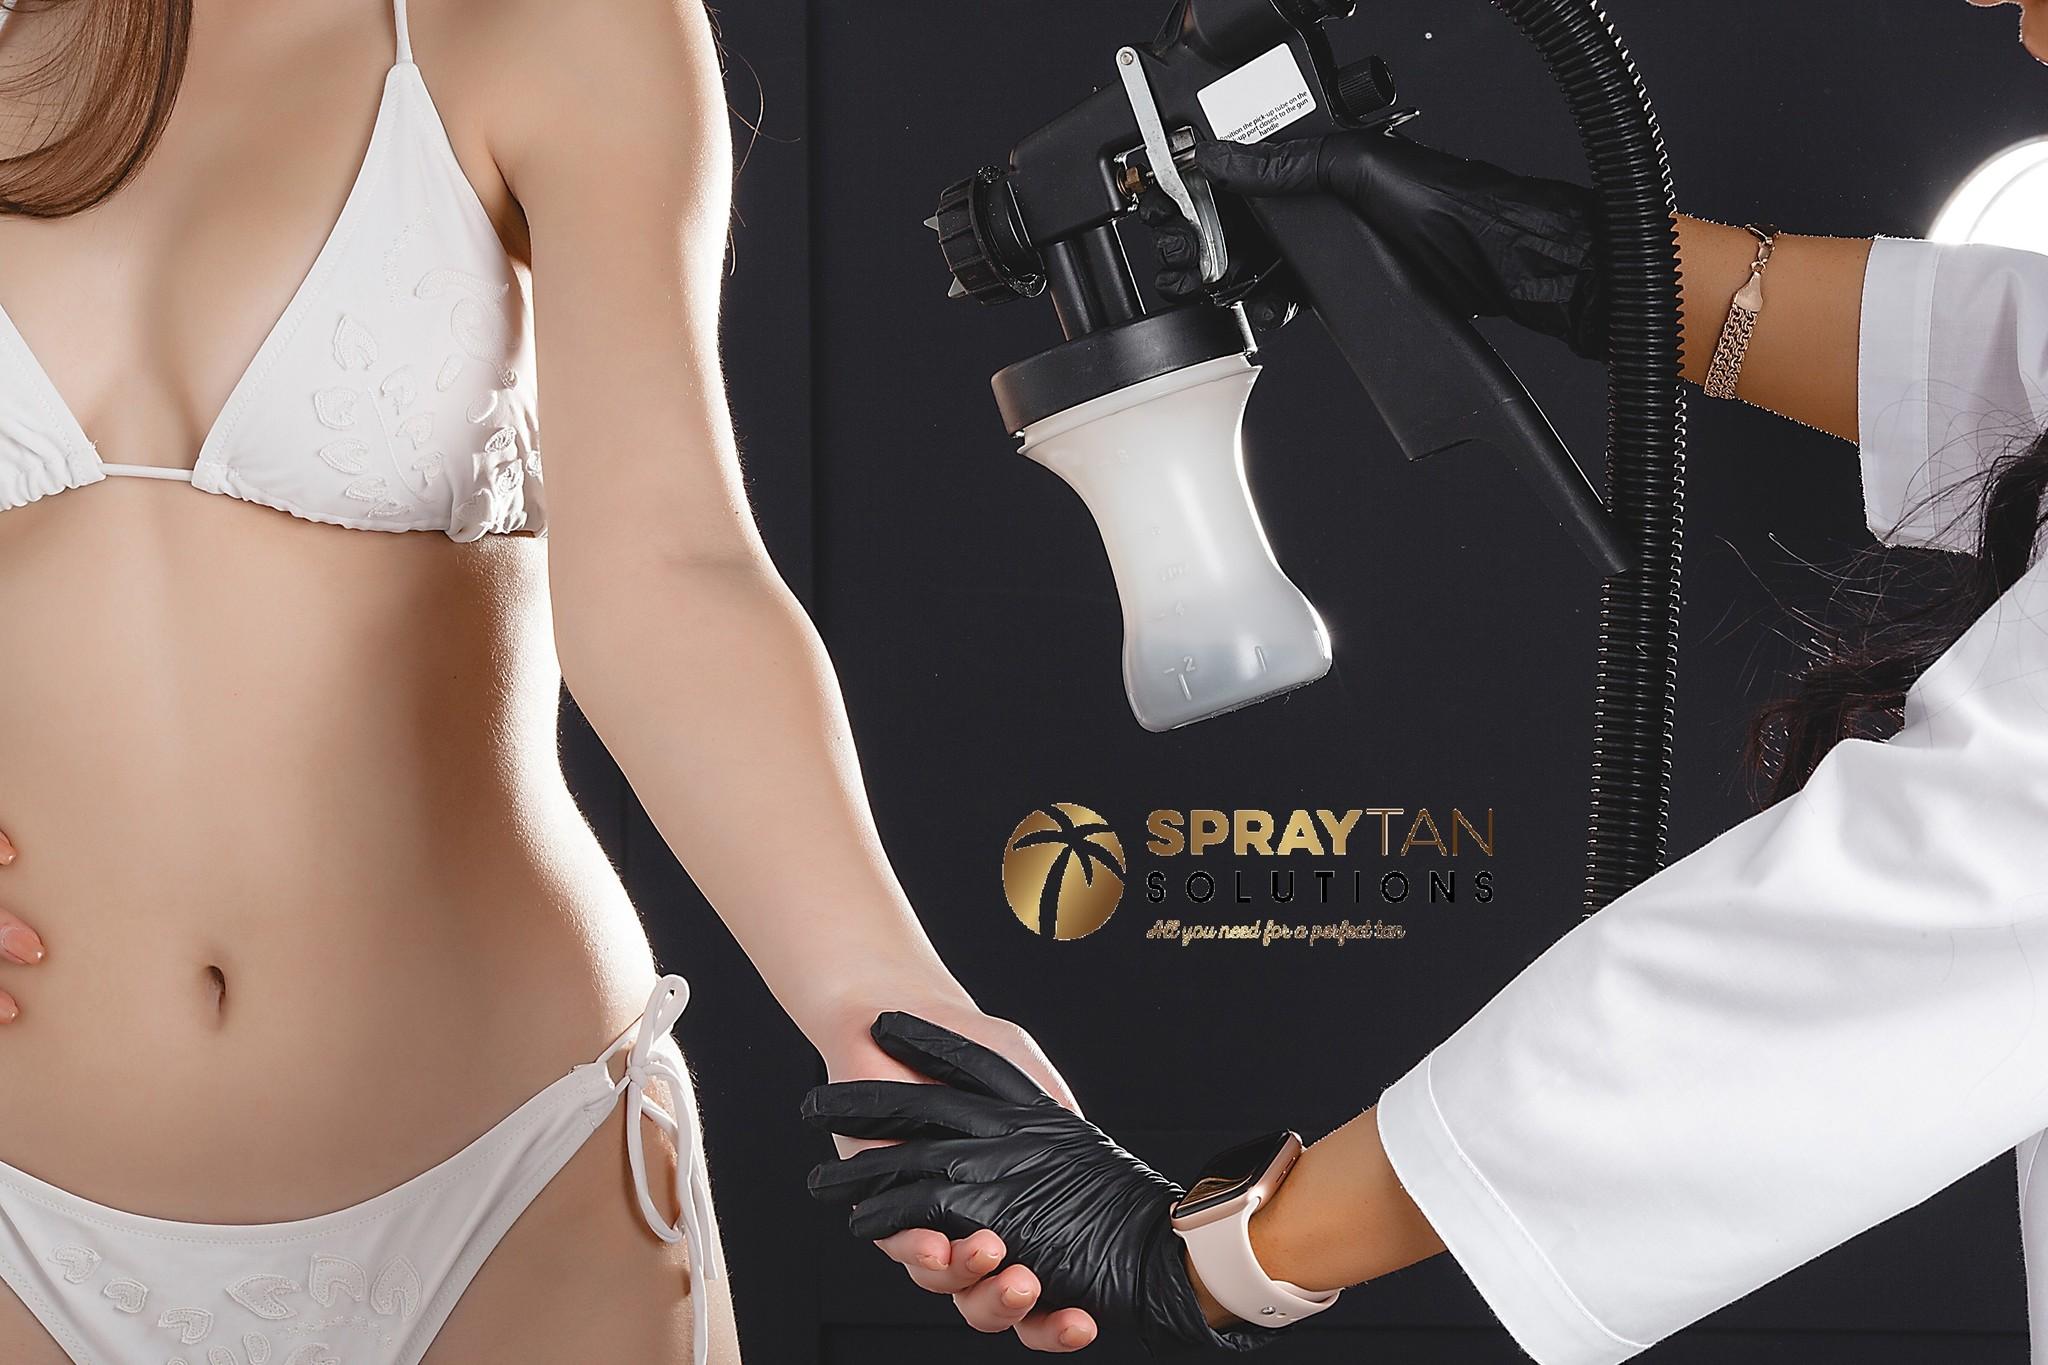 De belangrijkste ingrediënten in de Spray Tan vloeistof